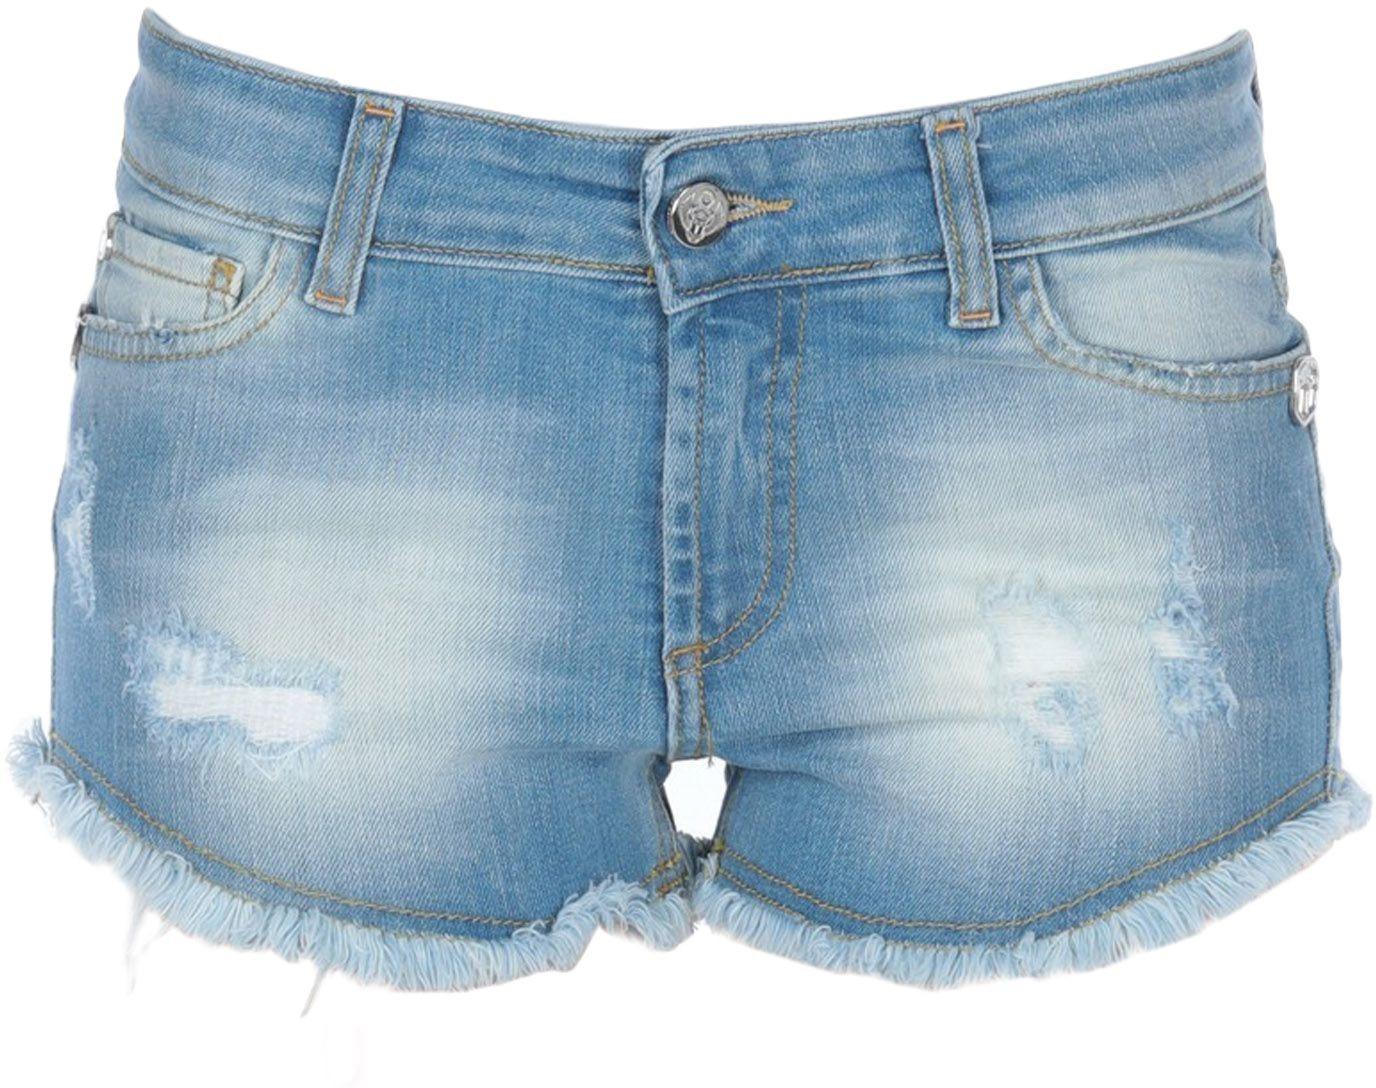 Pantaloni corti e shorts 98% cotone | Tendenze Donna Autunno